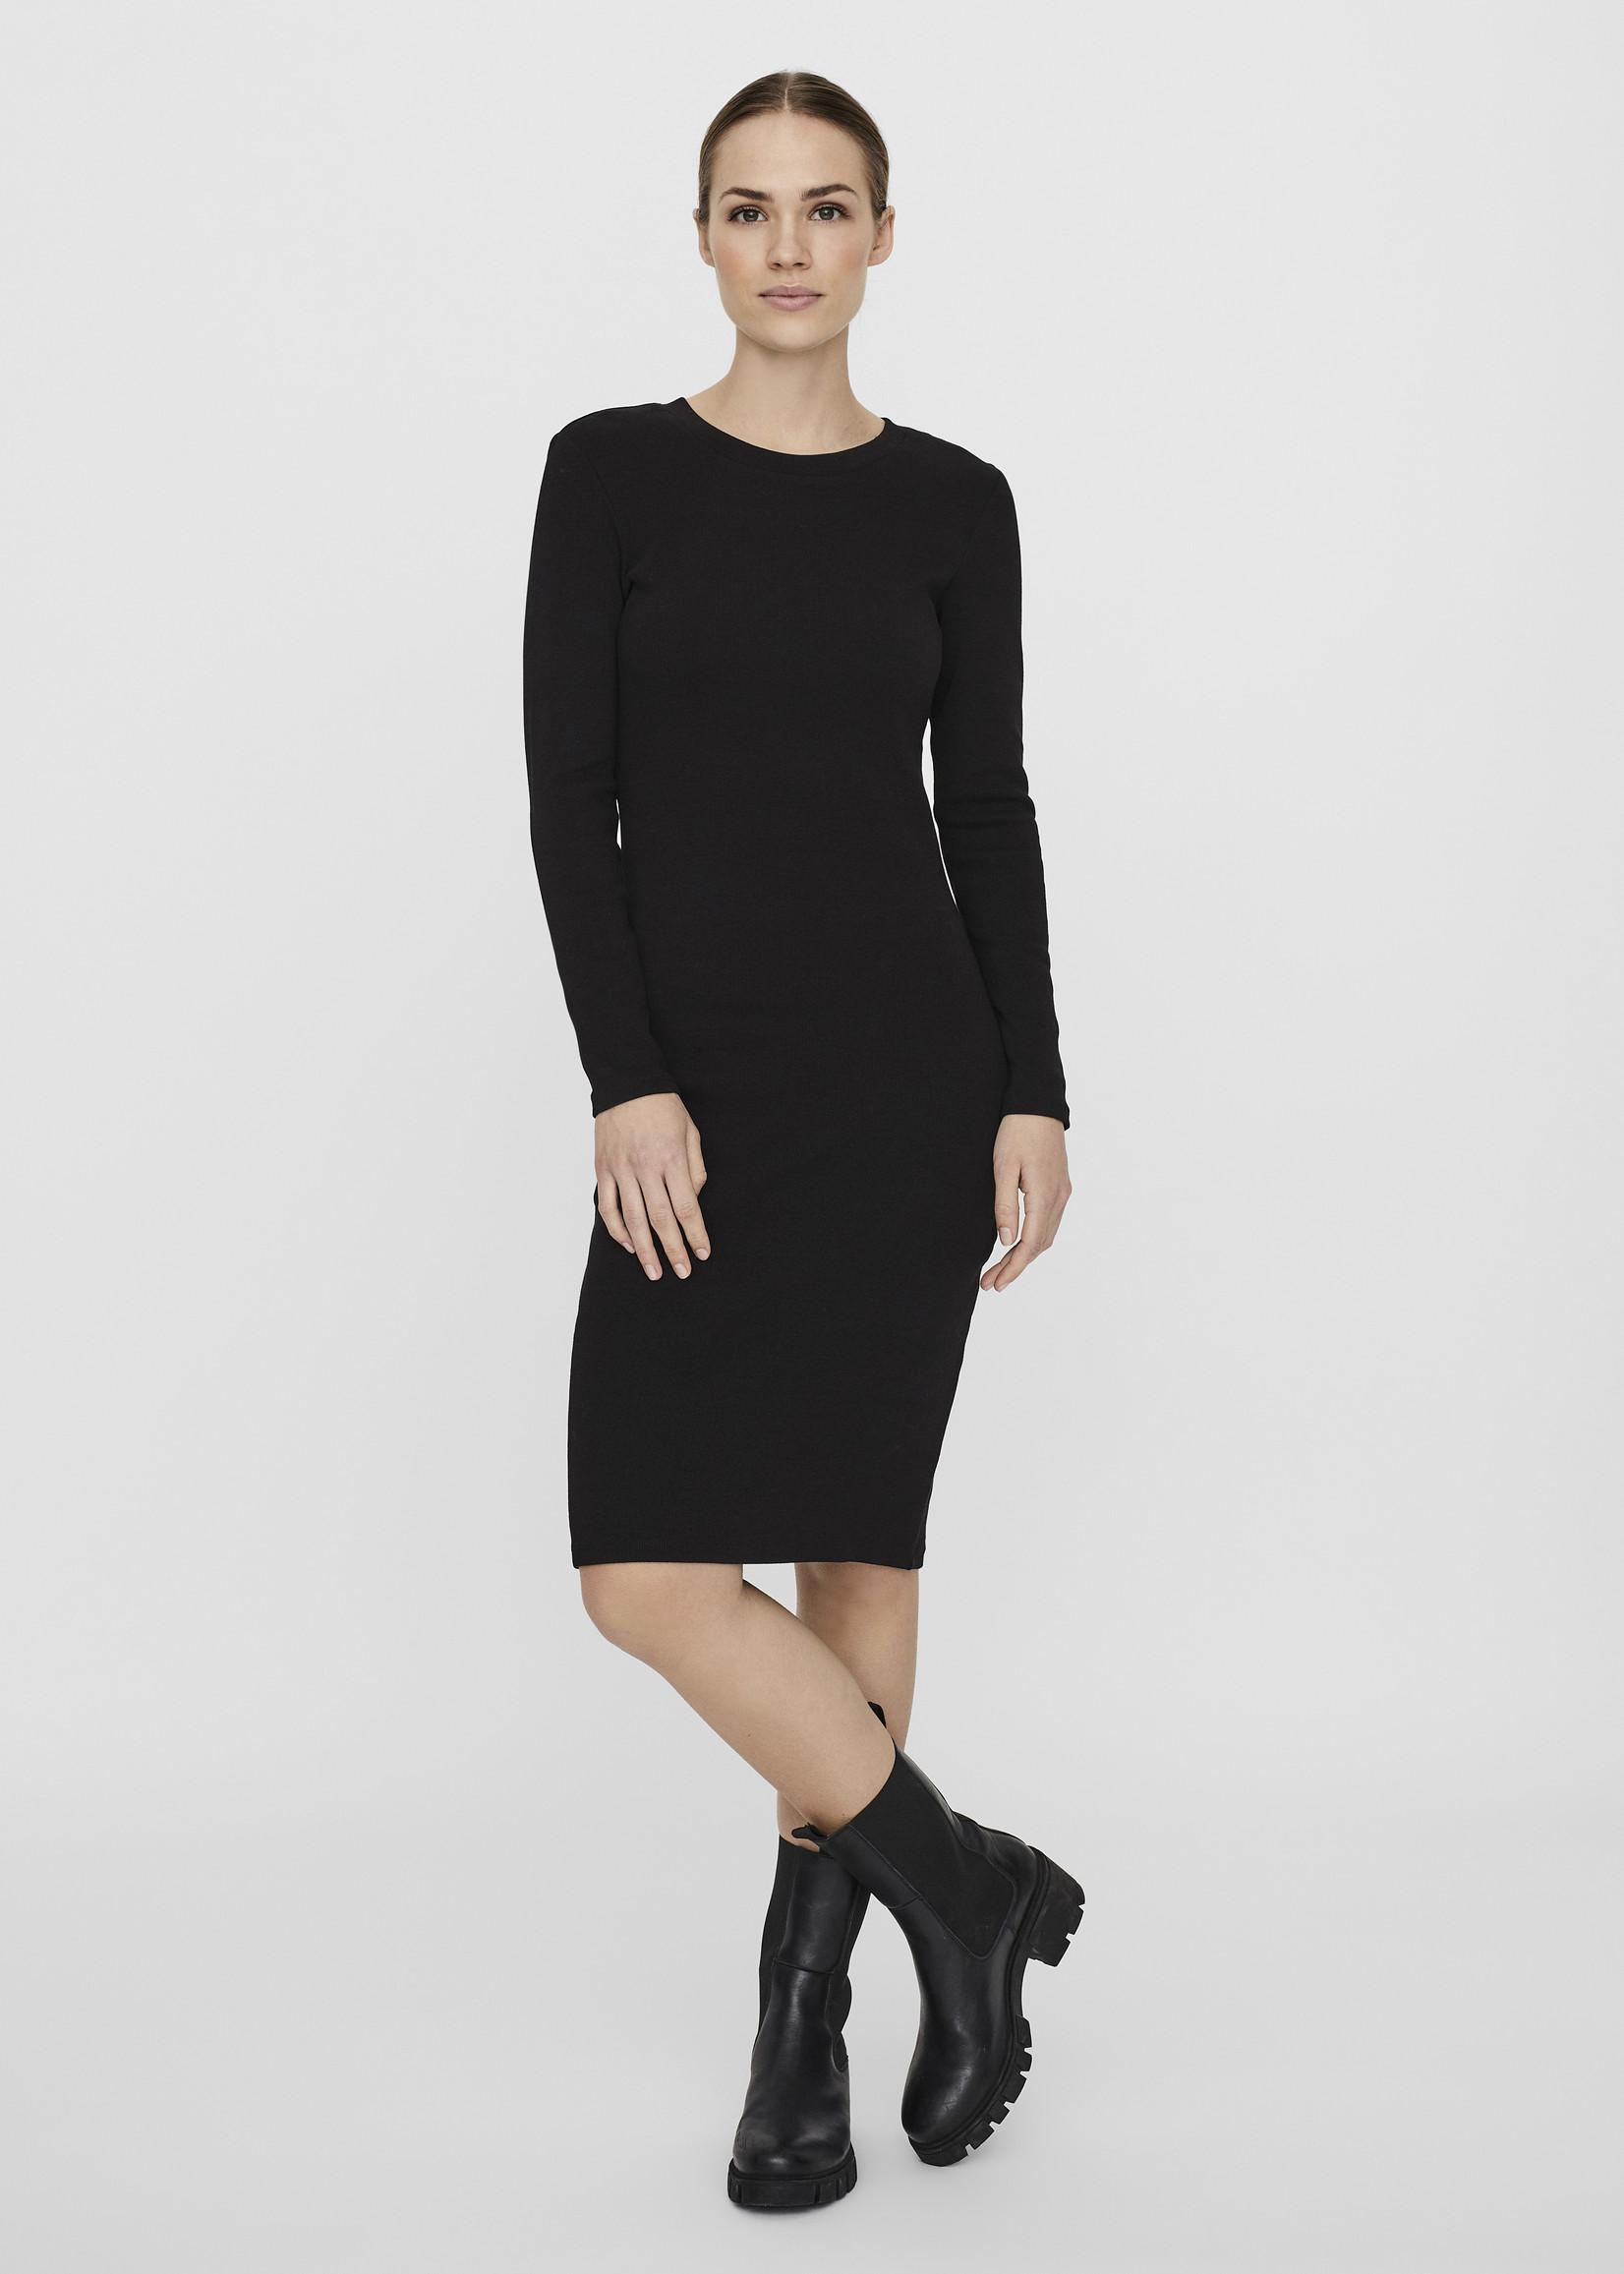 VERA MODA Natasha Long Sleeve Bodycon Dress